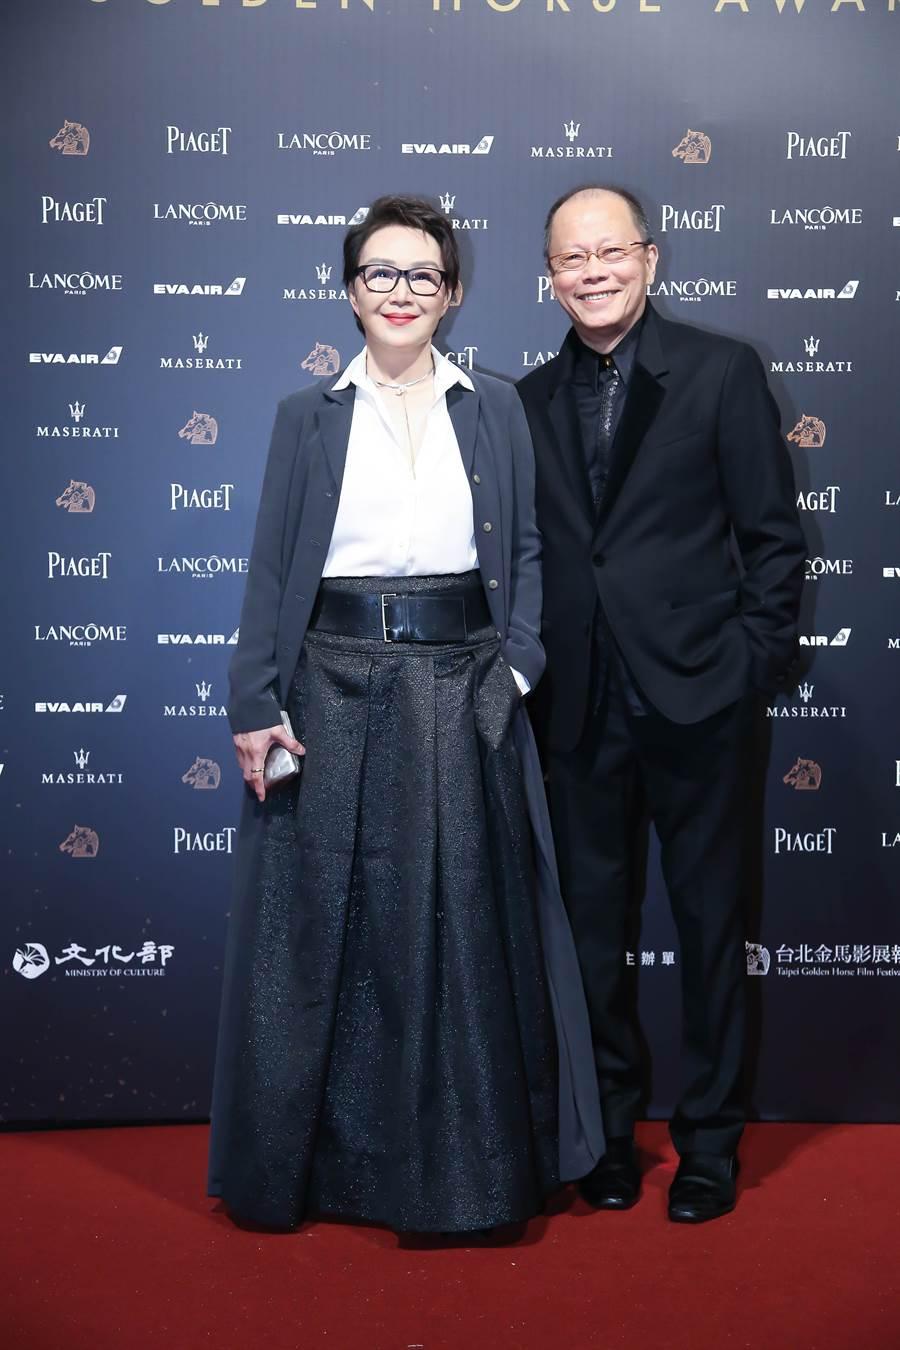 金马导演张毅和妻子杨惠姗鹣鲽情深。(图/本报系资料照片)